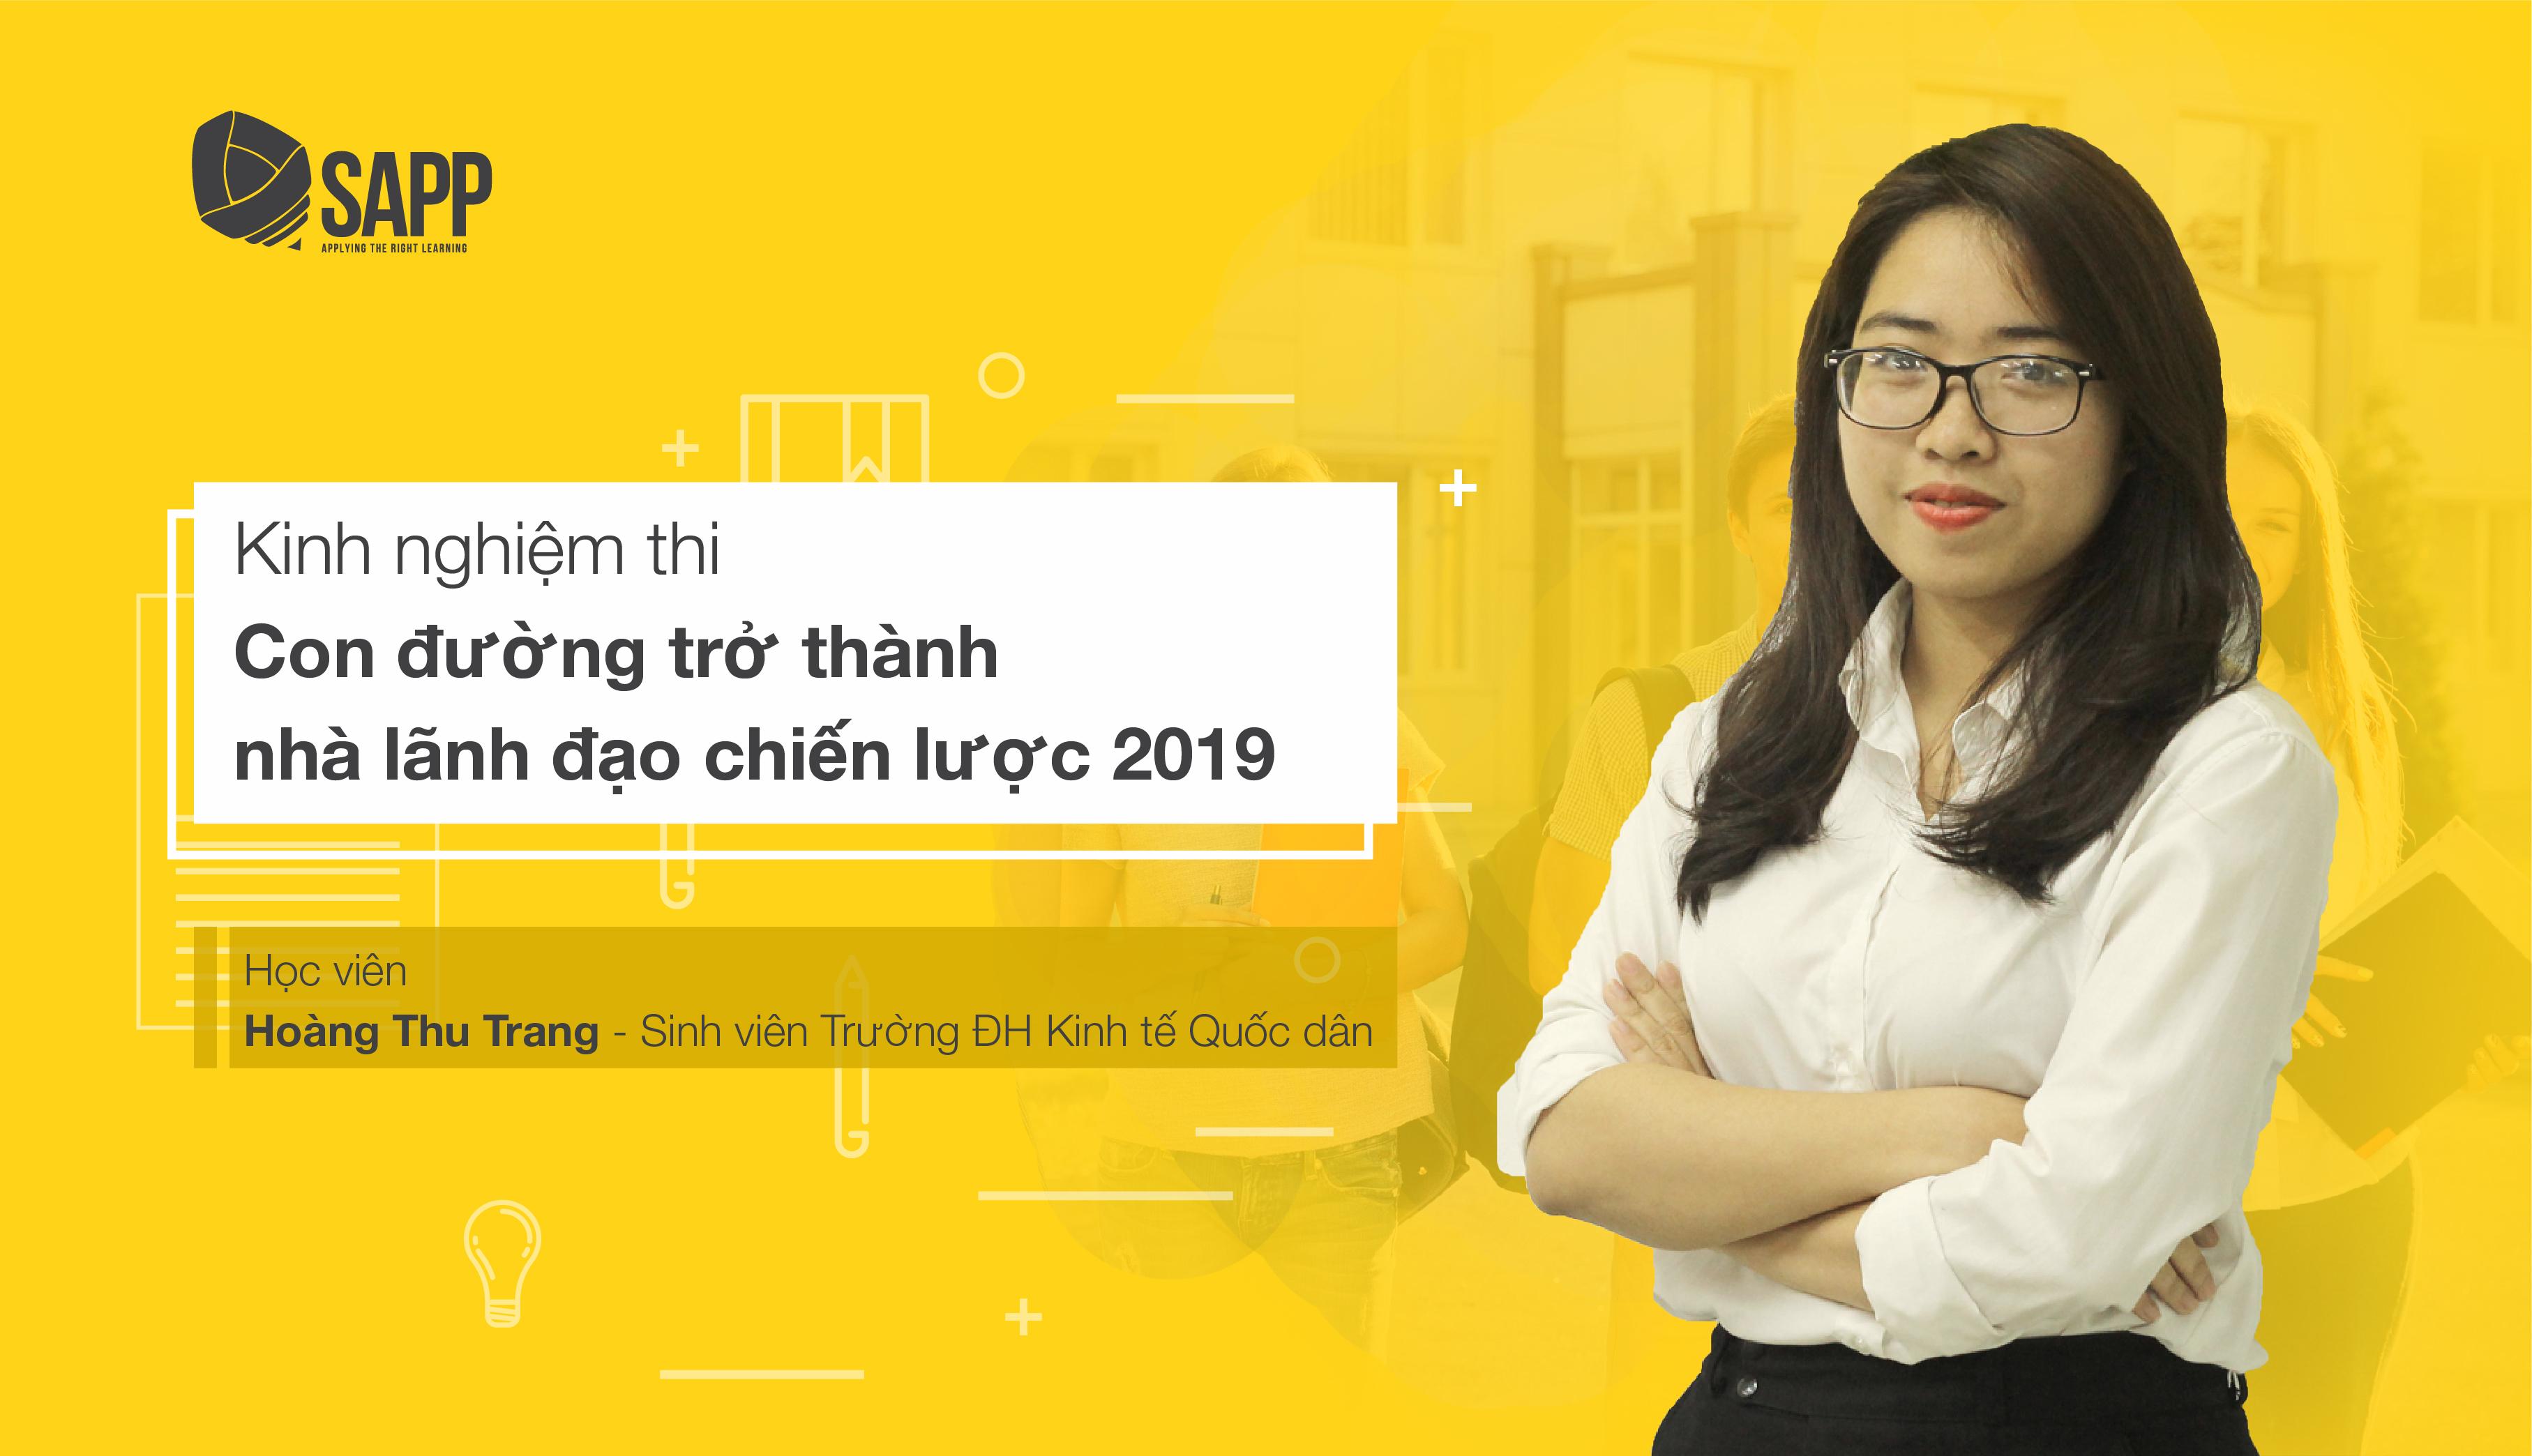 Kinh Nghiệm Thi Con Đường Trở Thành Nhà Lãnh Đạo Chiến Lược Năm 2019 với Hoàng Thu Trang